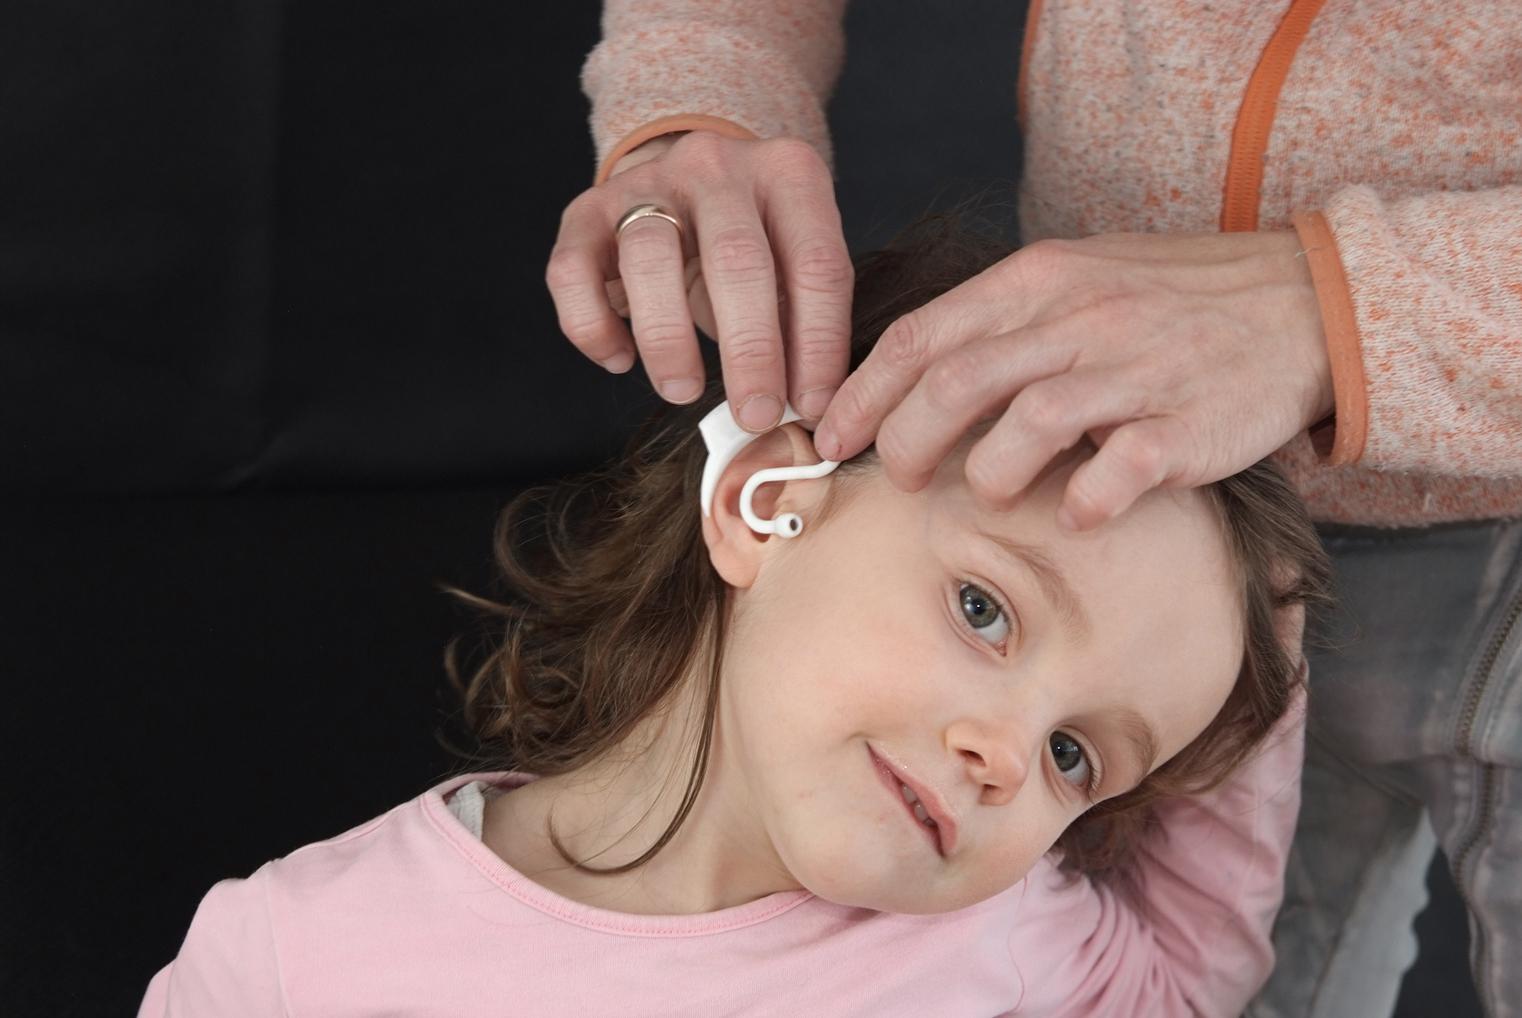 Einfaches Anlegen des Kinderthermometers am Ohr für eine durchgehende Temperaturmessung